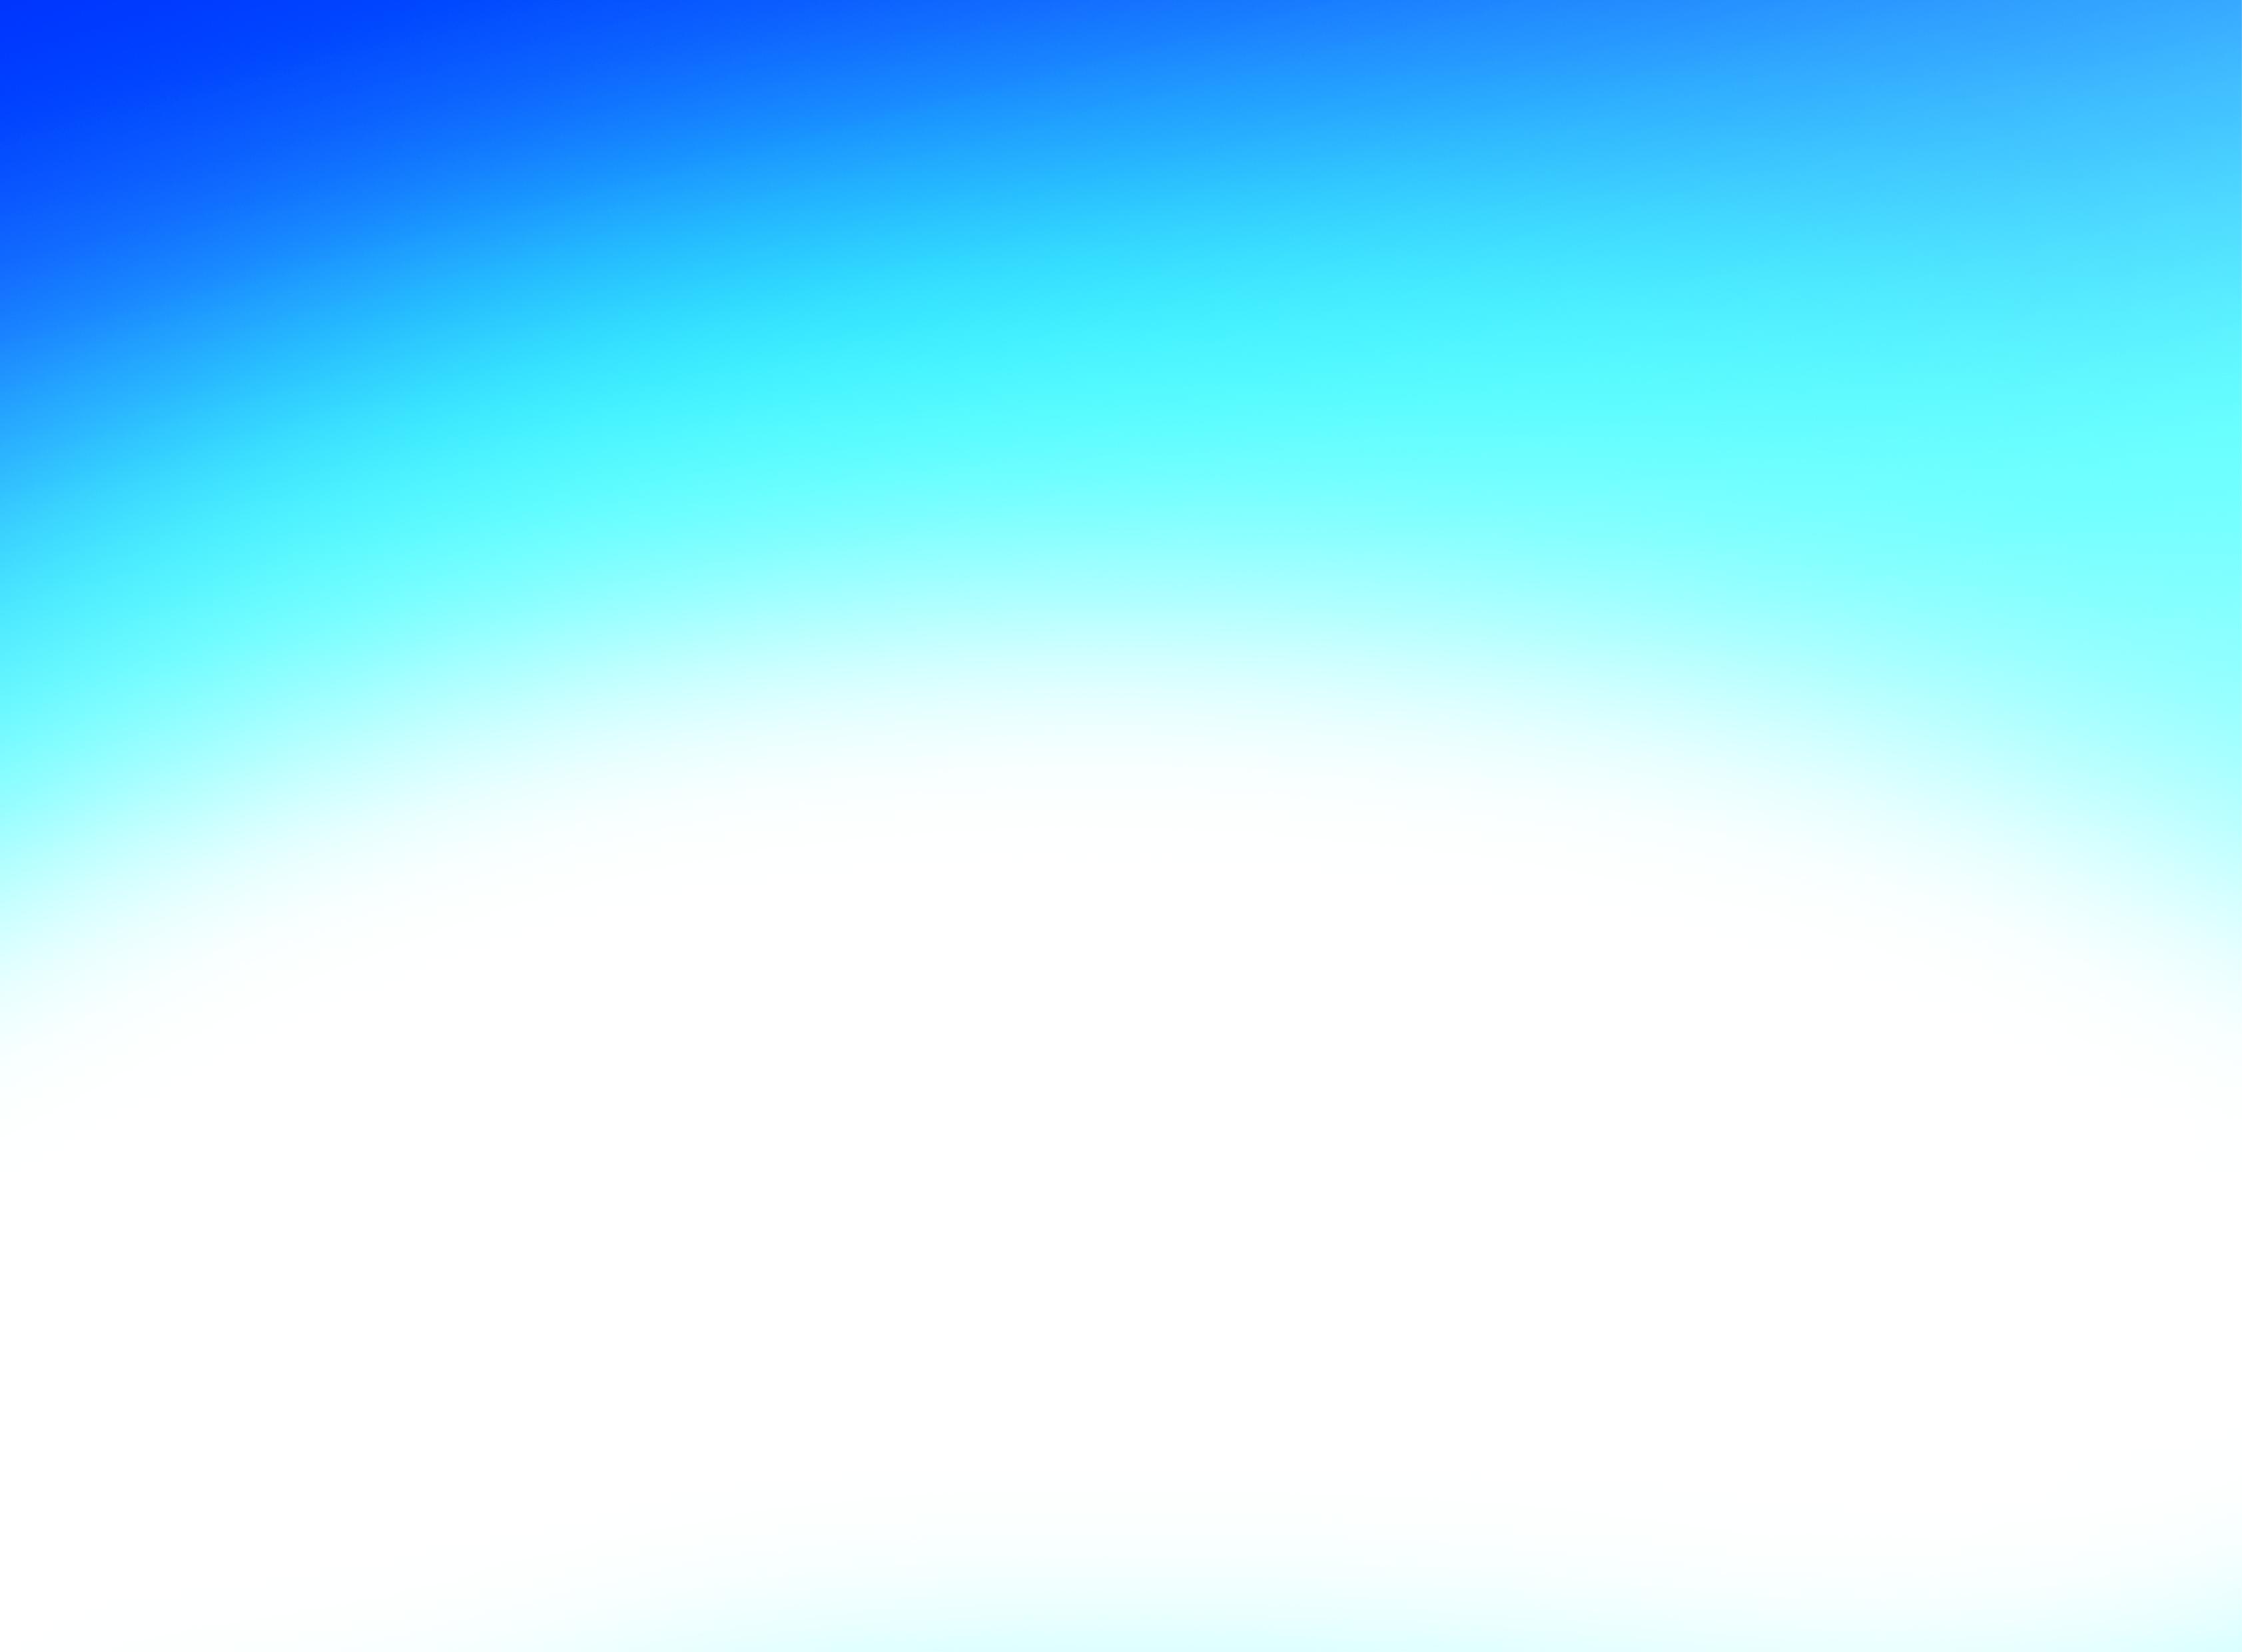 a de fundo azul poster material de fundo azul azul azul e